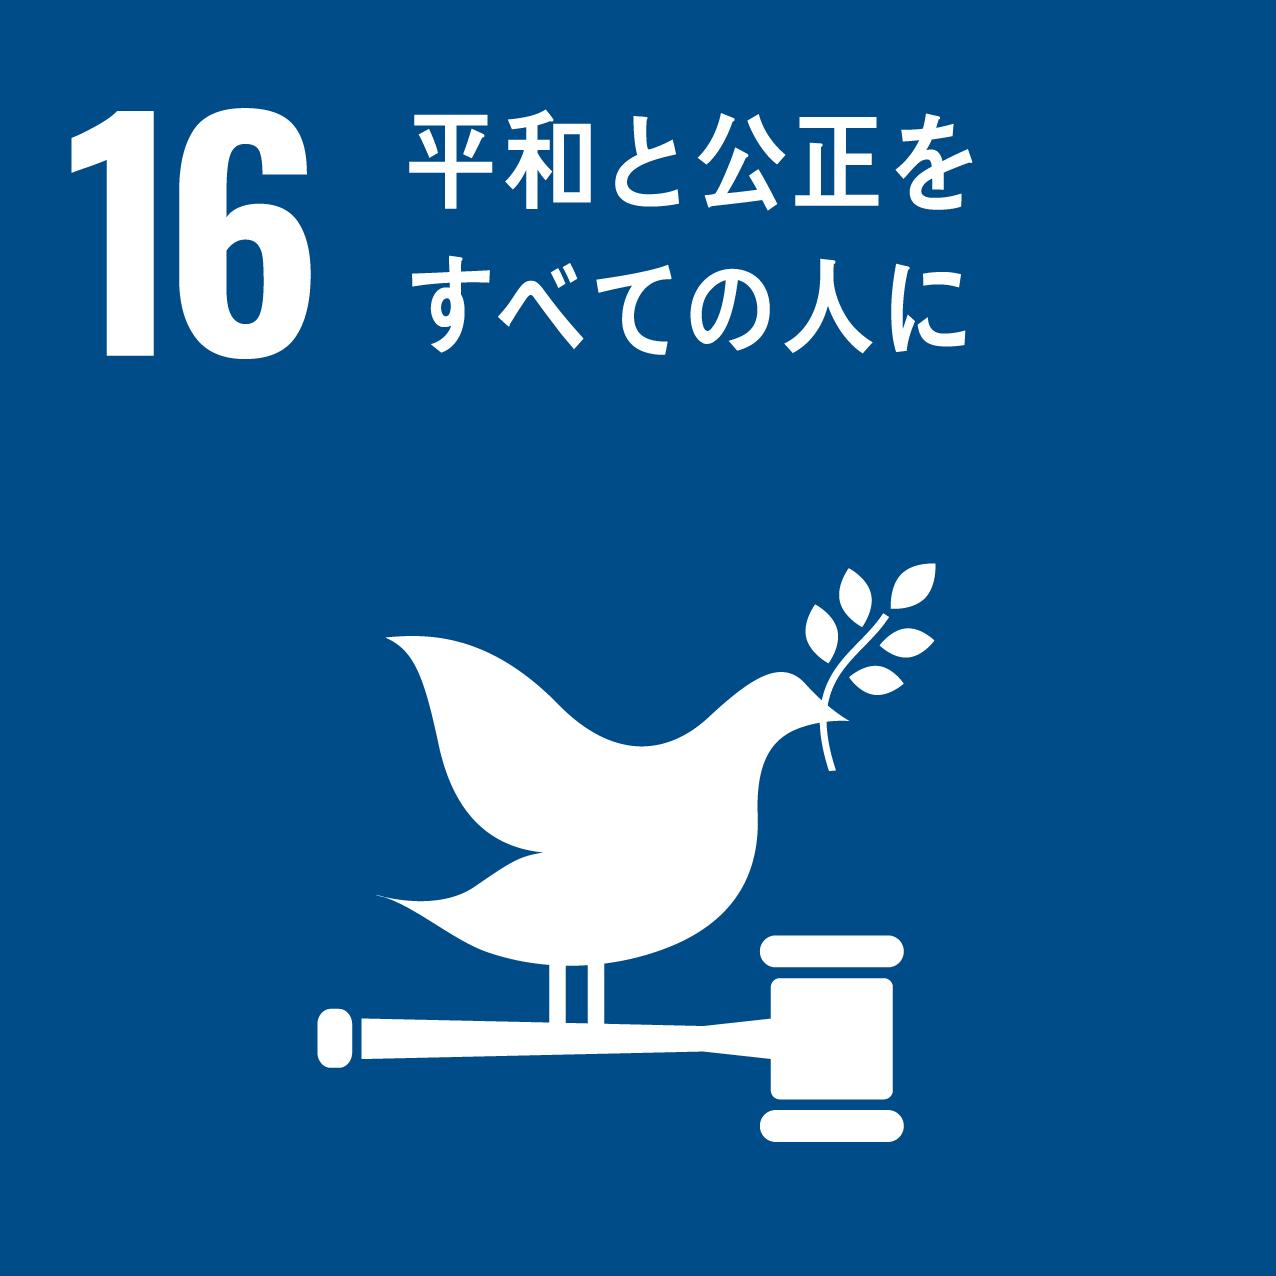 SDGs目標16のアイコン